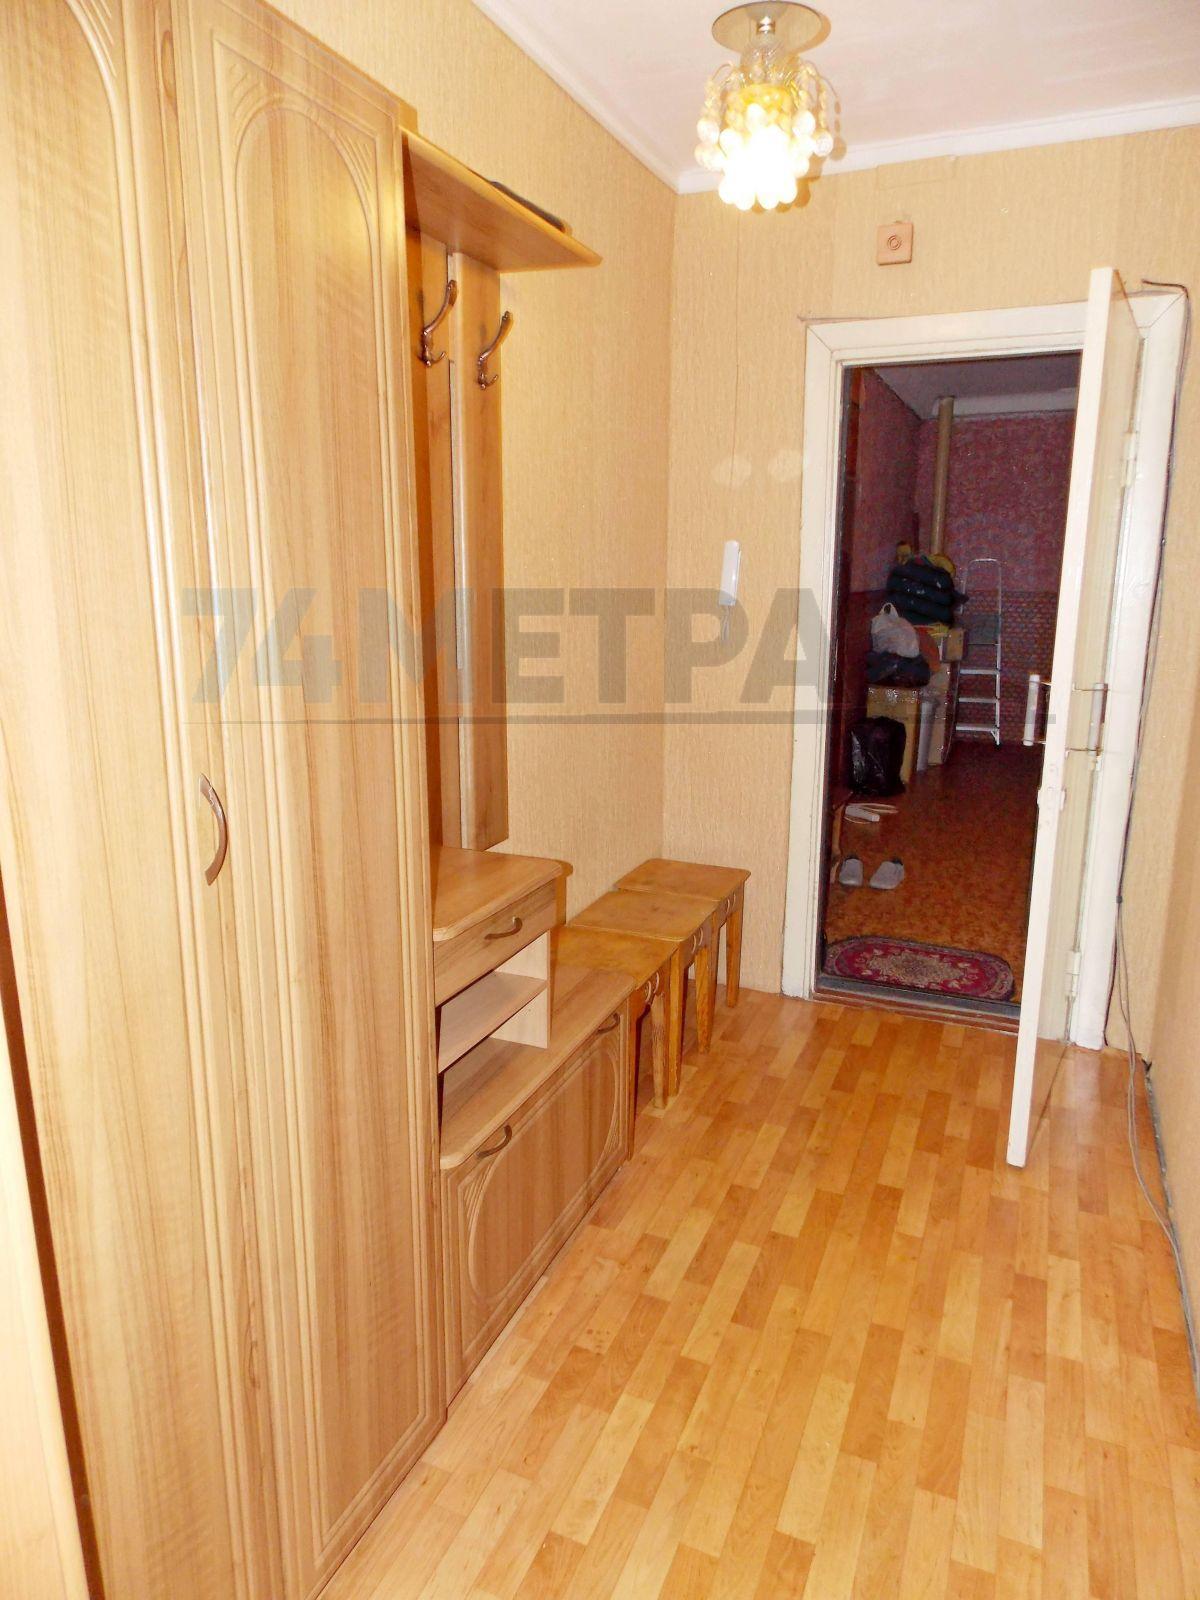 15 000 ₽, 3 - комнатная квартира, площадь 70 м², этаж 1/10